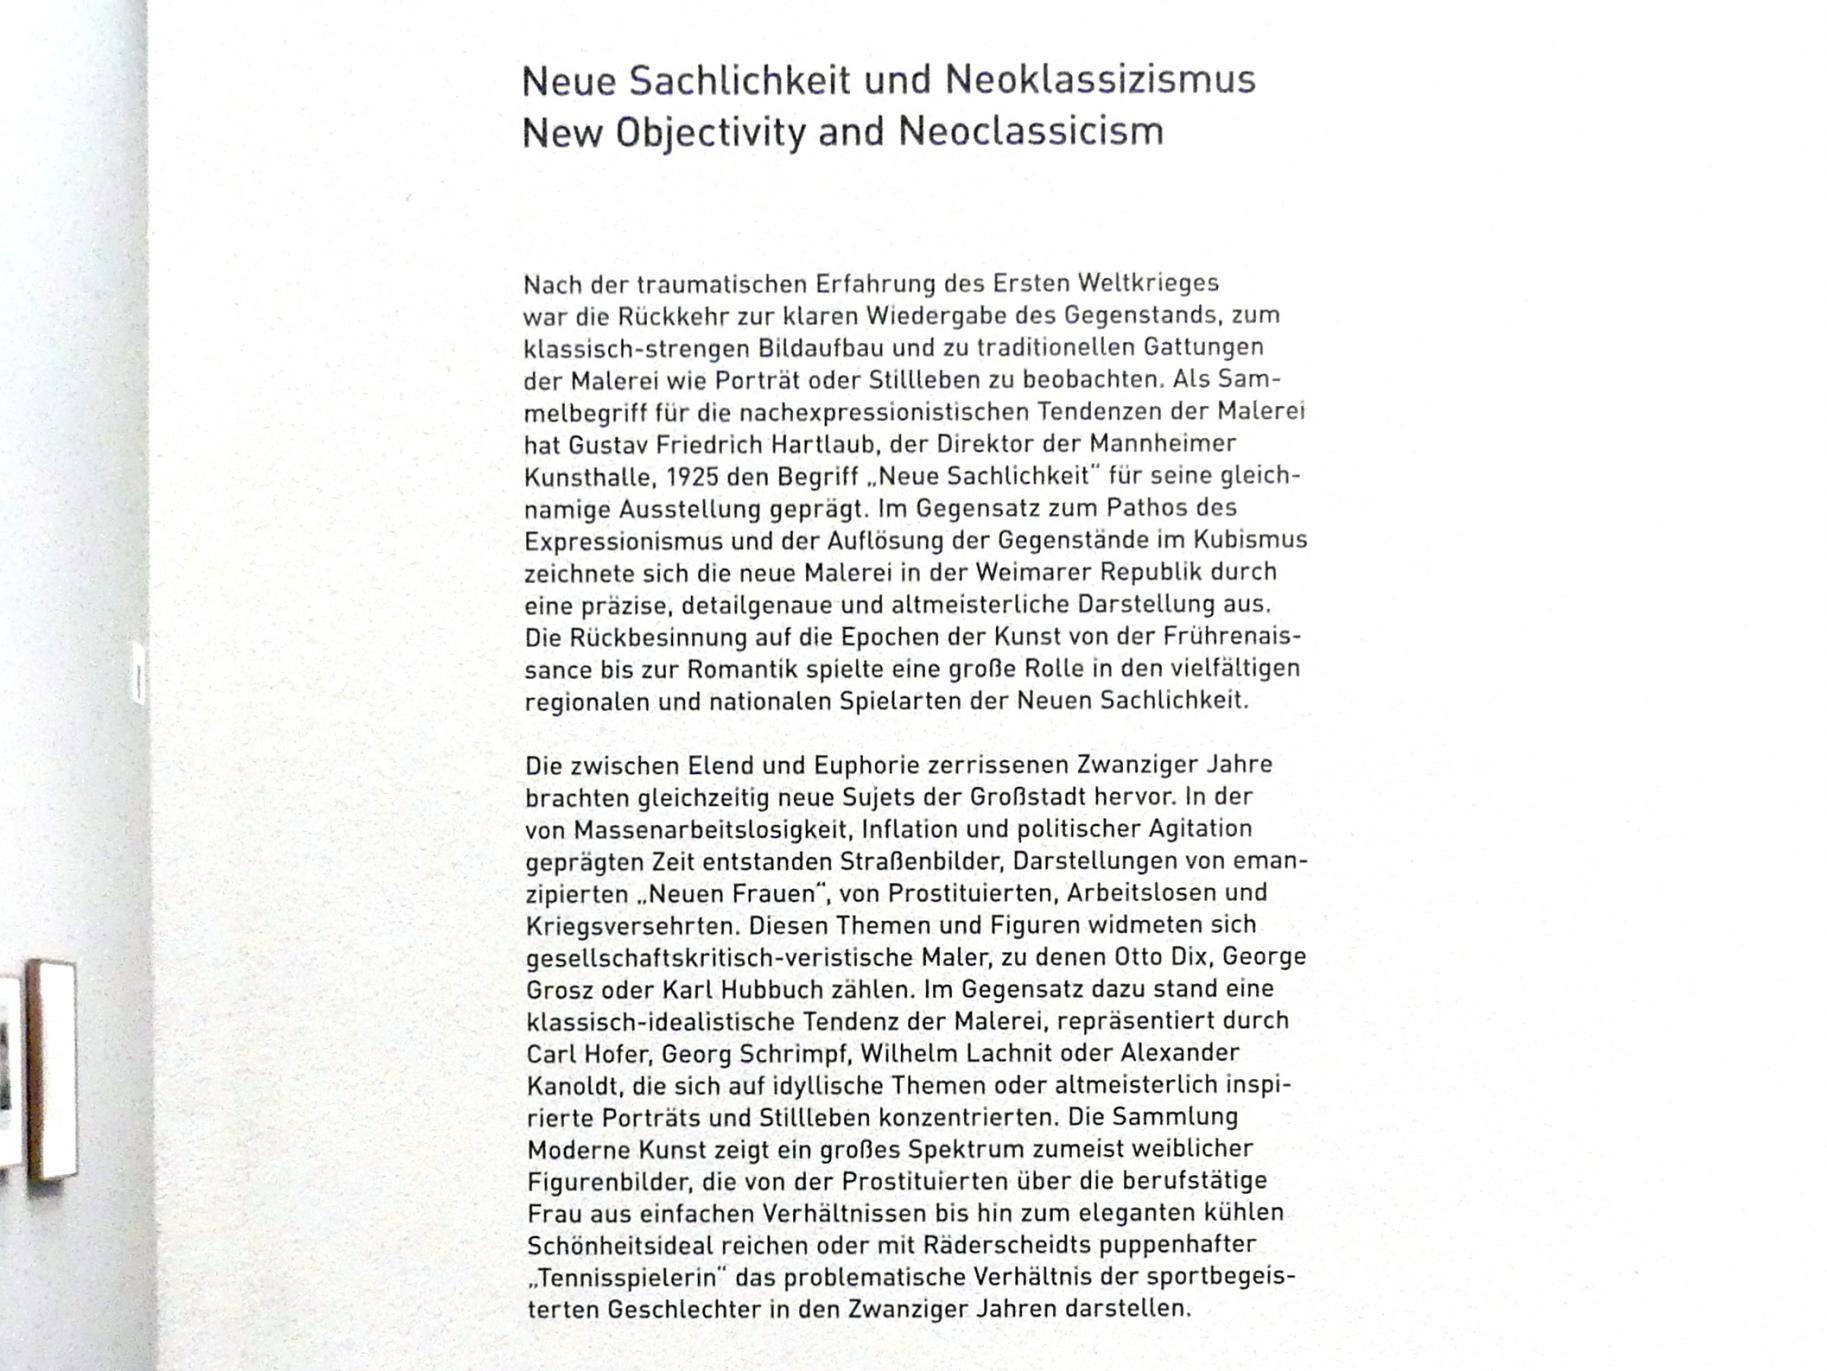 München, Pinakothek der Moderne, Saal 7, Bild 4/5